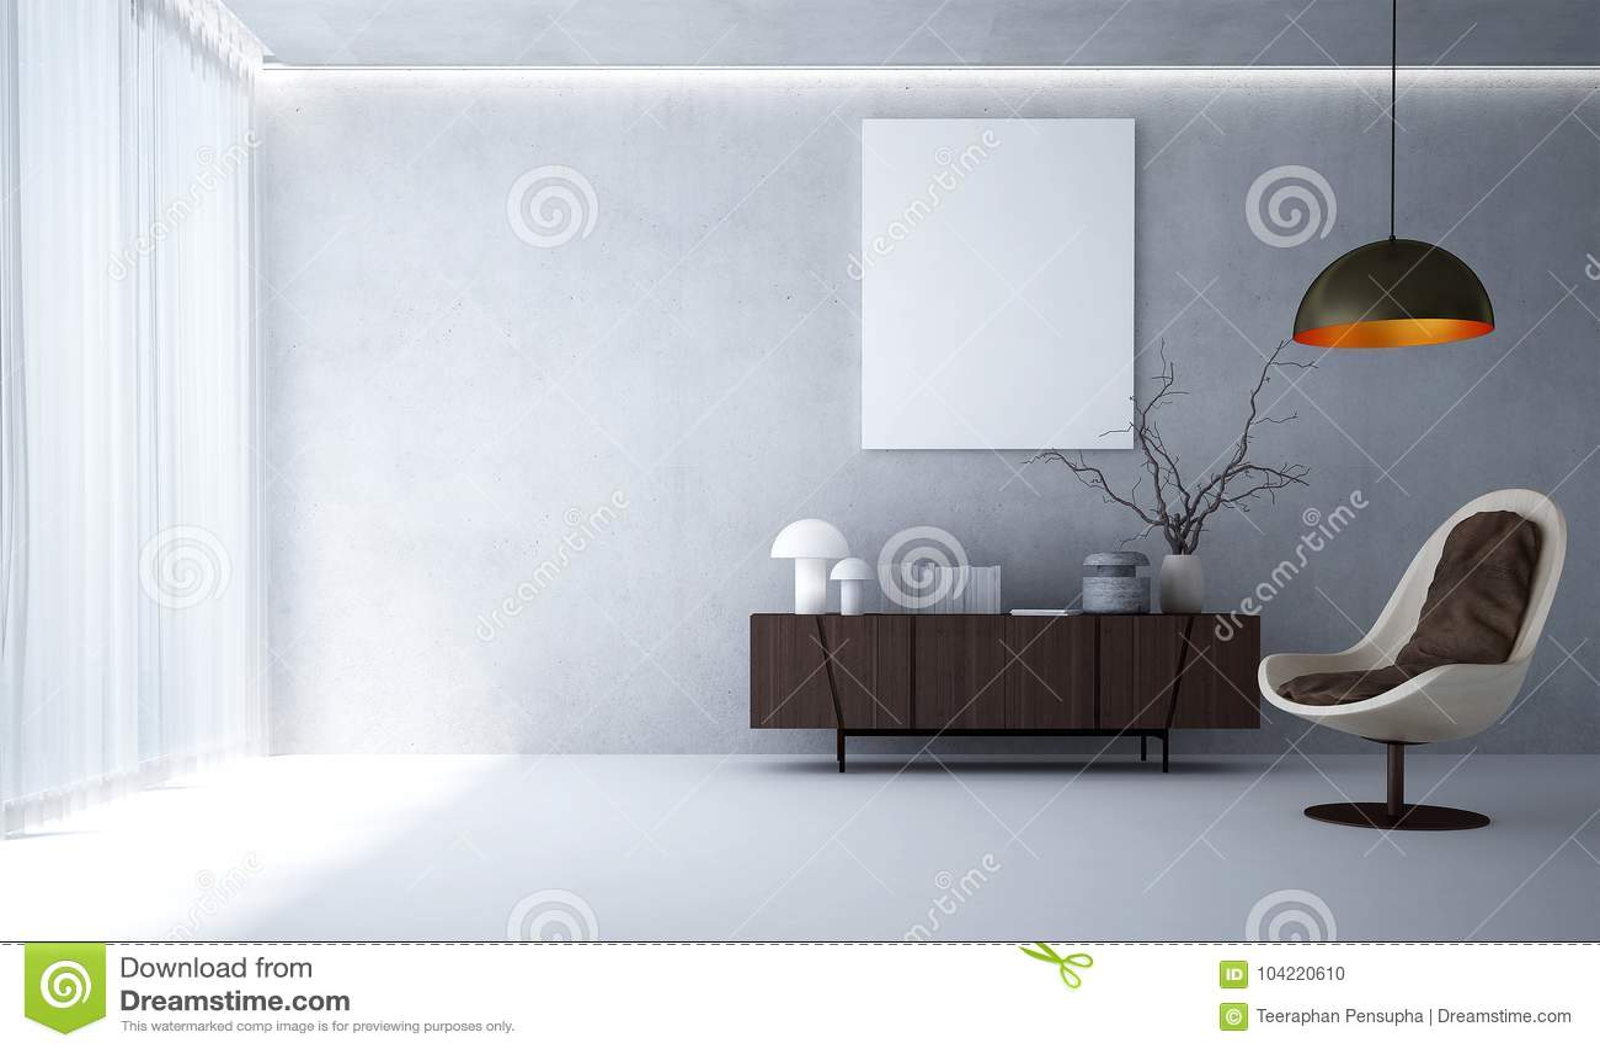 Progettazione Dinterni Gratis : La progettazione di interni del fondo moderno del muro di cemento